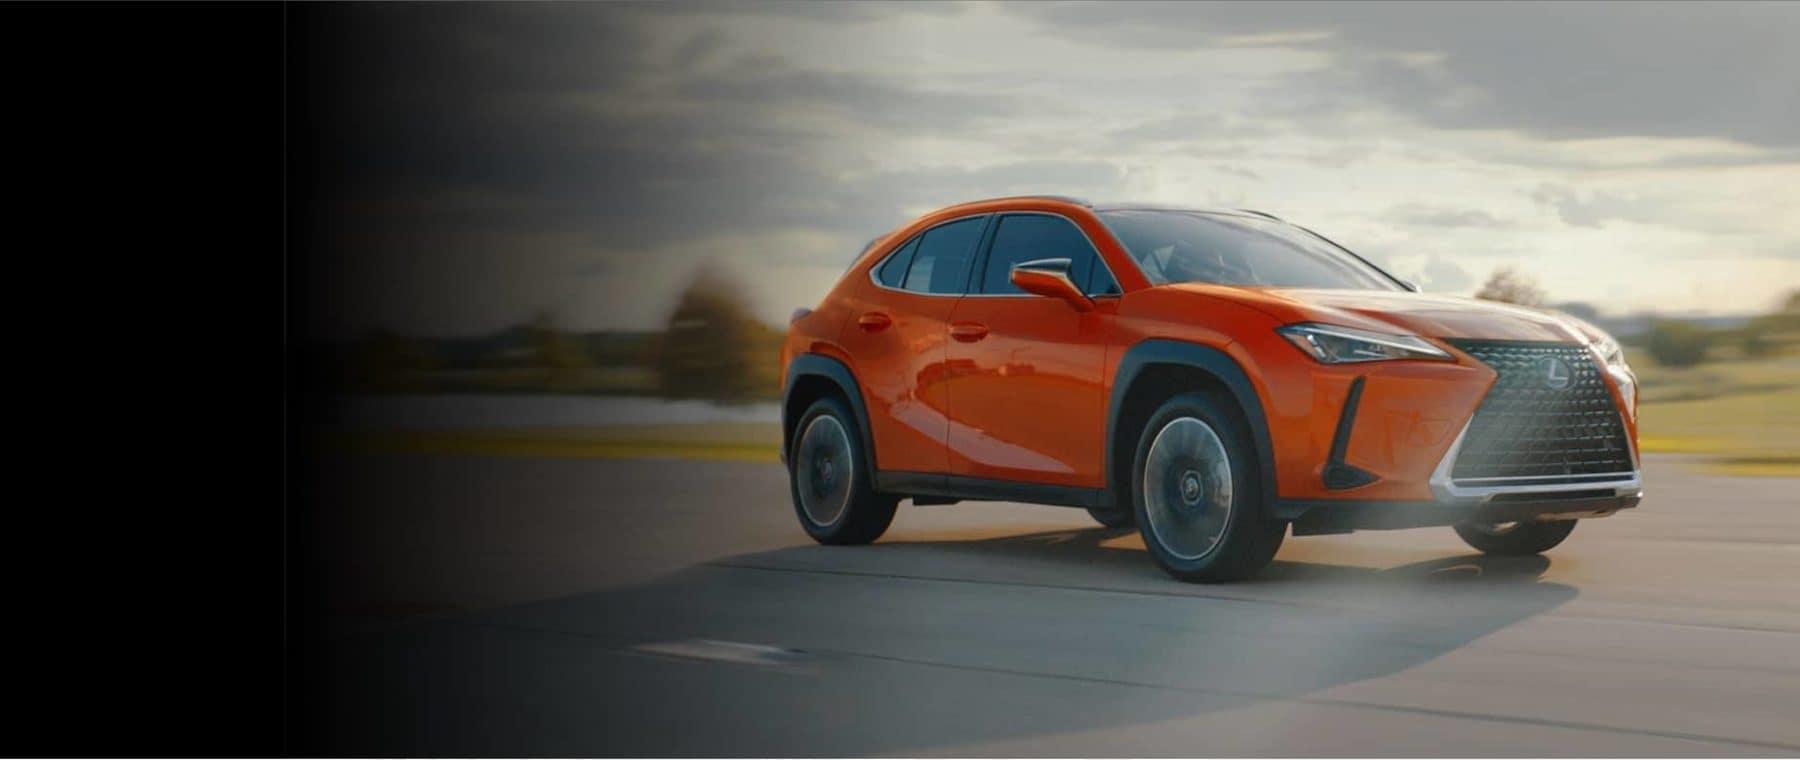 Orange Lexus SUV outside in dust